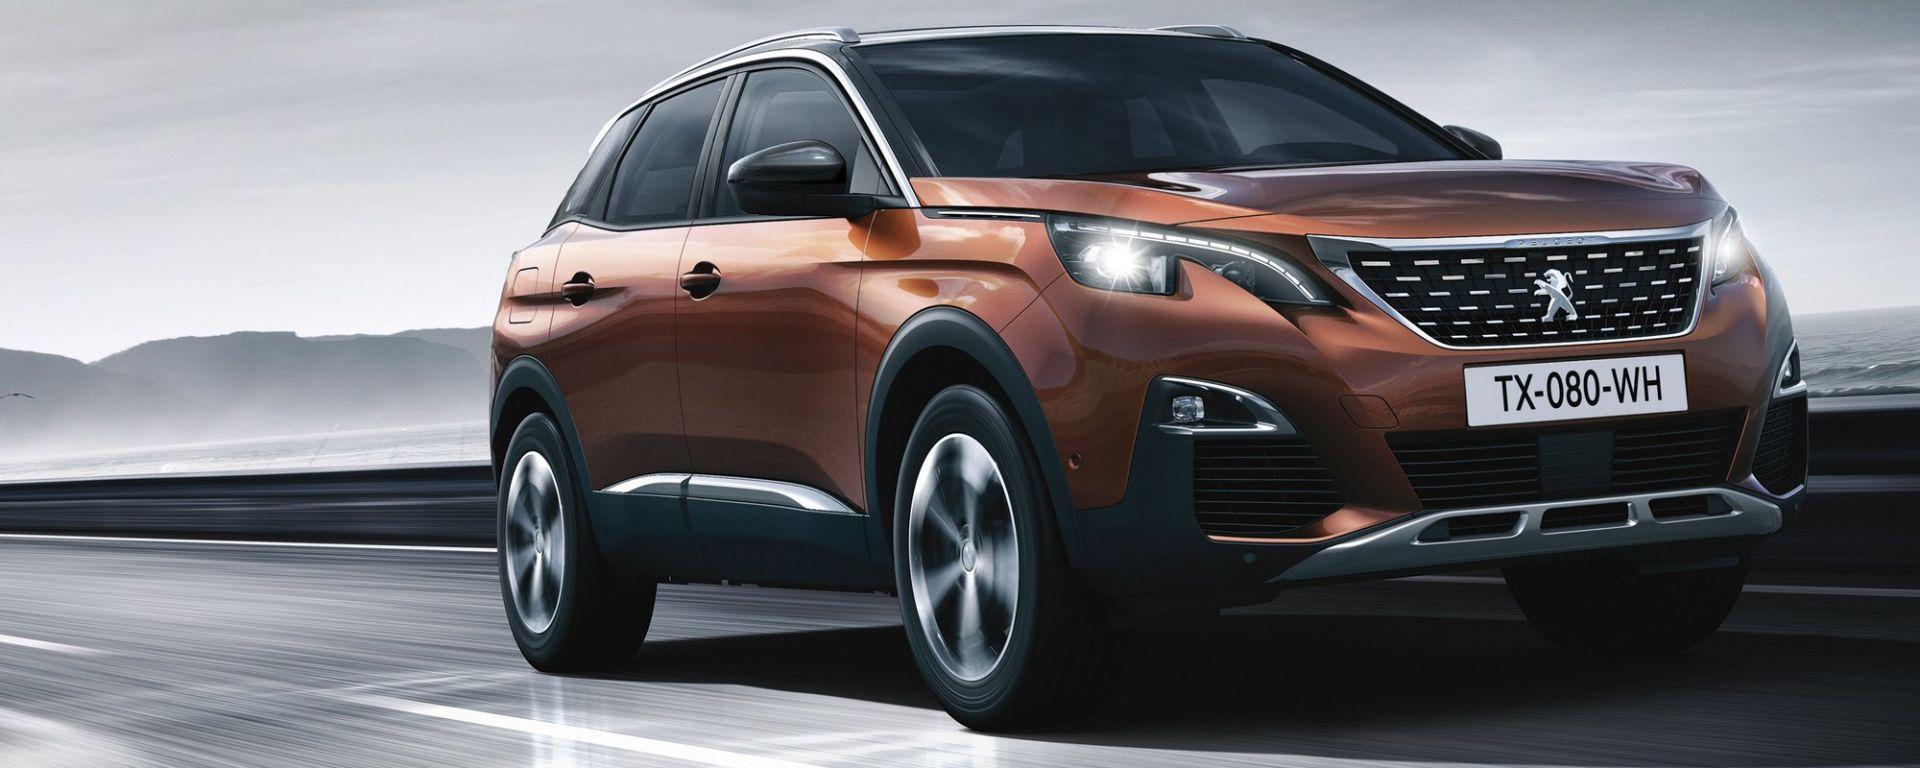 Nuova Peugeot 3008, i motori: a benzina ci sono il 1.2 PureTech da 130 cv e il 1.6 THP da 165 cv